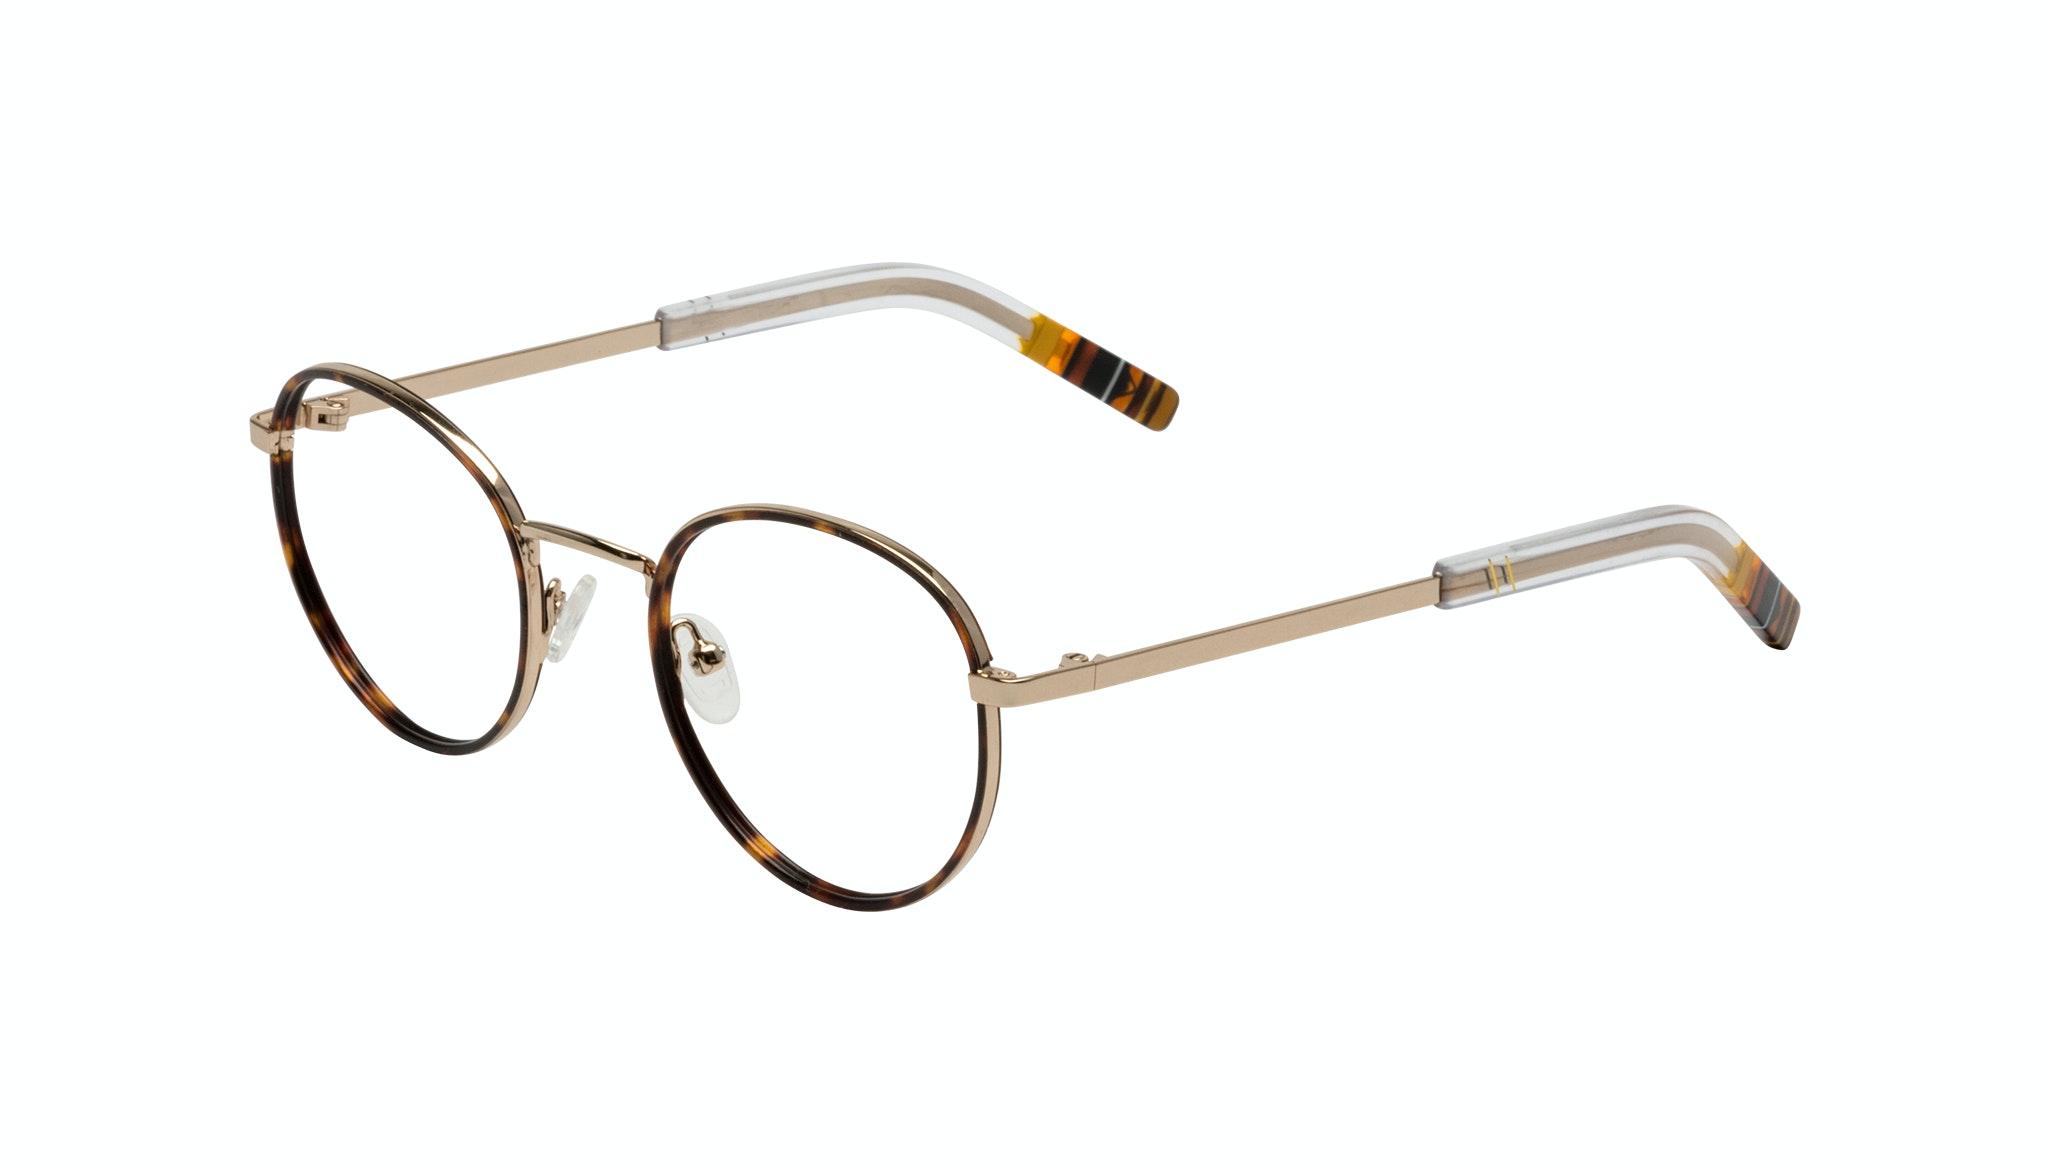 Affordable Fashion Glasses Round Eyeglasses Men Reach Tortoise Tilt